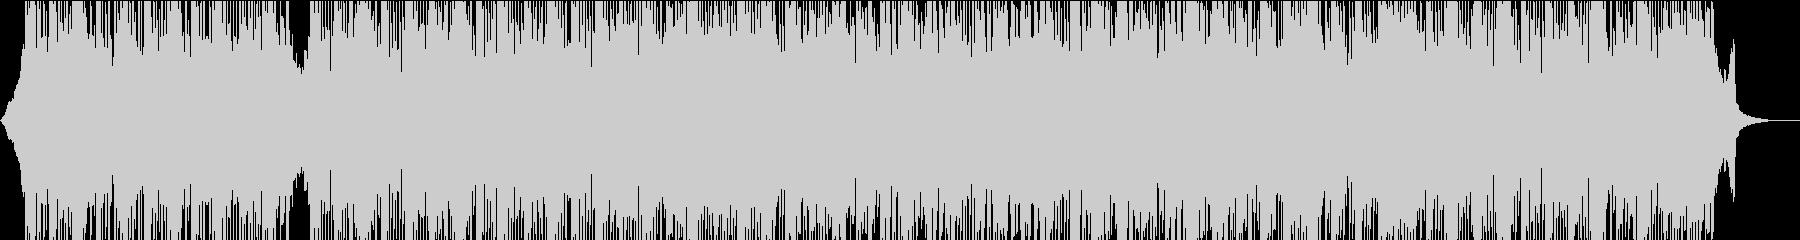 コーポレートプロモーション向けポップスの未再生の波形